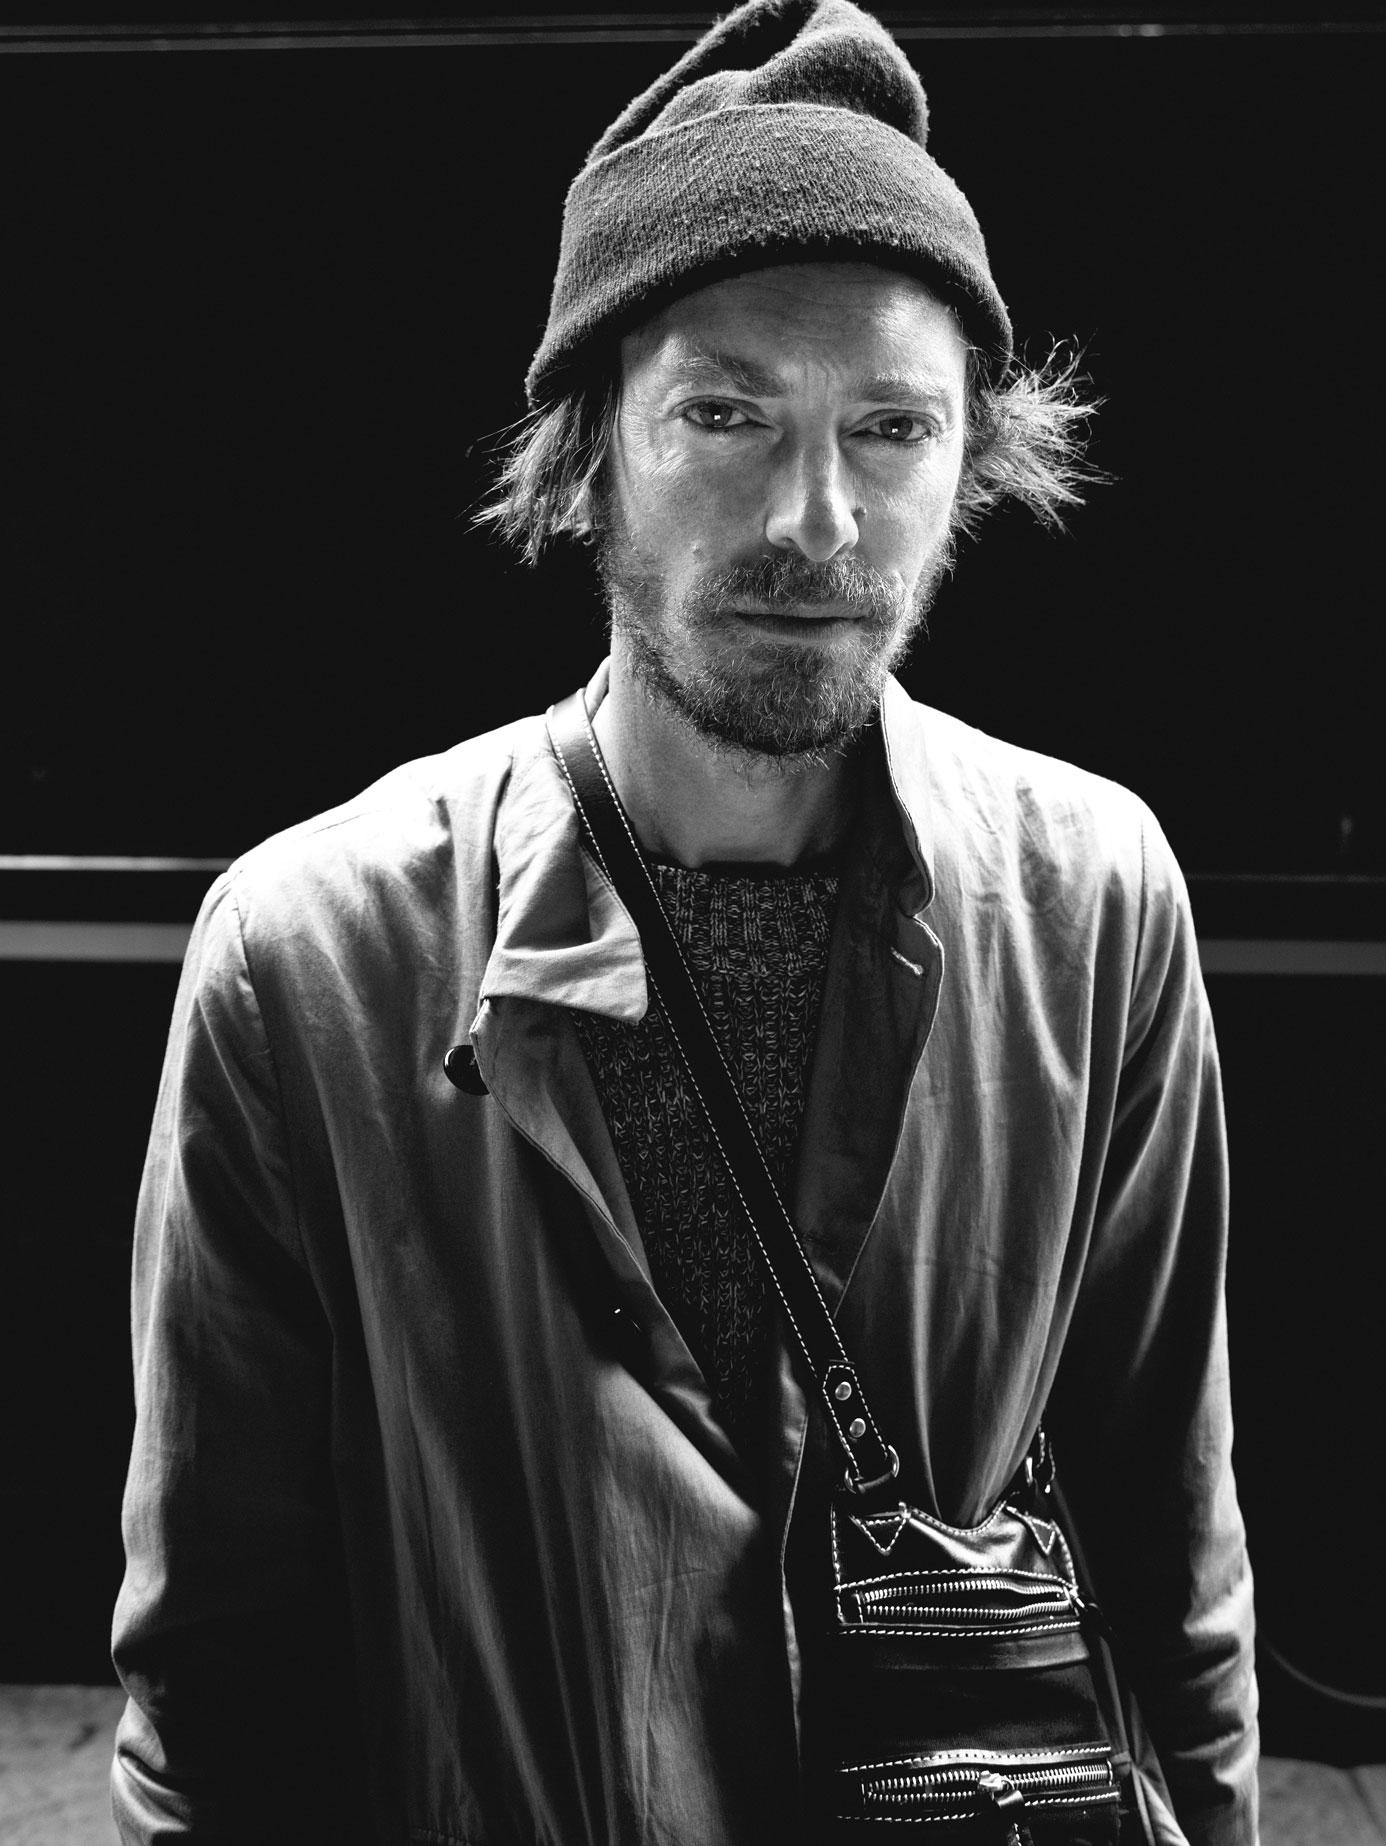 Henrik Vibskov.  (c) Christian Larsen